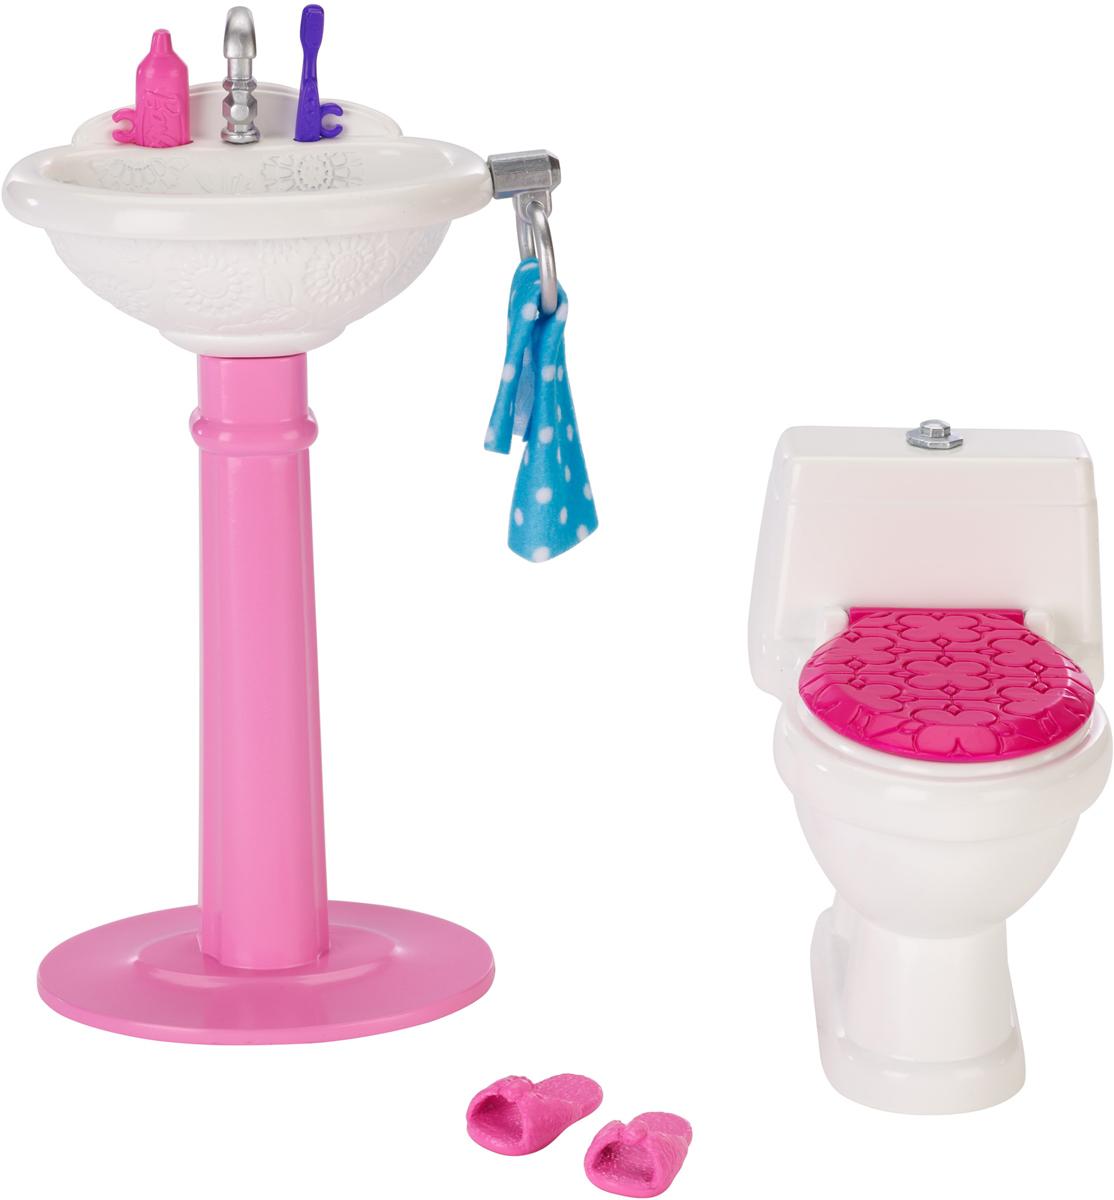 Barbie Игровой набор Ванная мечтыDXR91_DTJ69Кукла Barbie известна своим особым стилем. А теперь и каждая девочка может создать свой особый стиль. Богатый выбор мебели и аксессуаров позволит превратить дом Barbie в идеальное место для задуманной истории. В набор Ванная мечты входят: умывальник-тюльпан, унитаз, тапочки, полотенце, тюбик зубной пасты и зубная щетка. Прекрасная мебель, замечательные аксессуары в стиле Barbie подойдут к домам с самым разным дизайном.